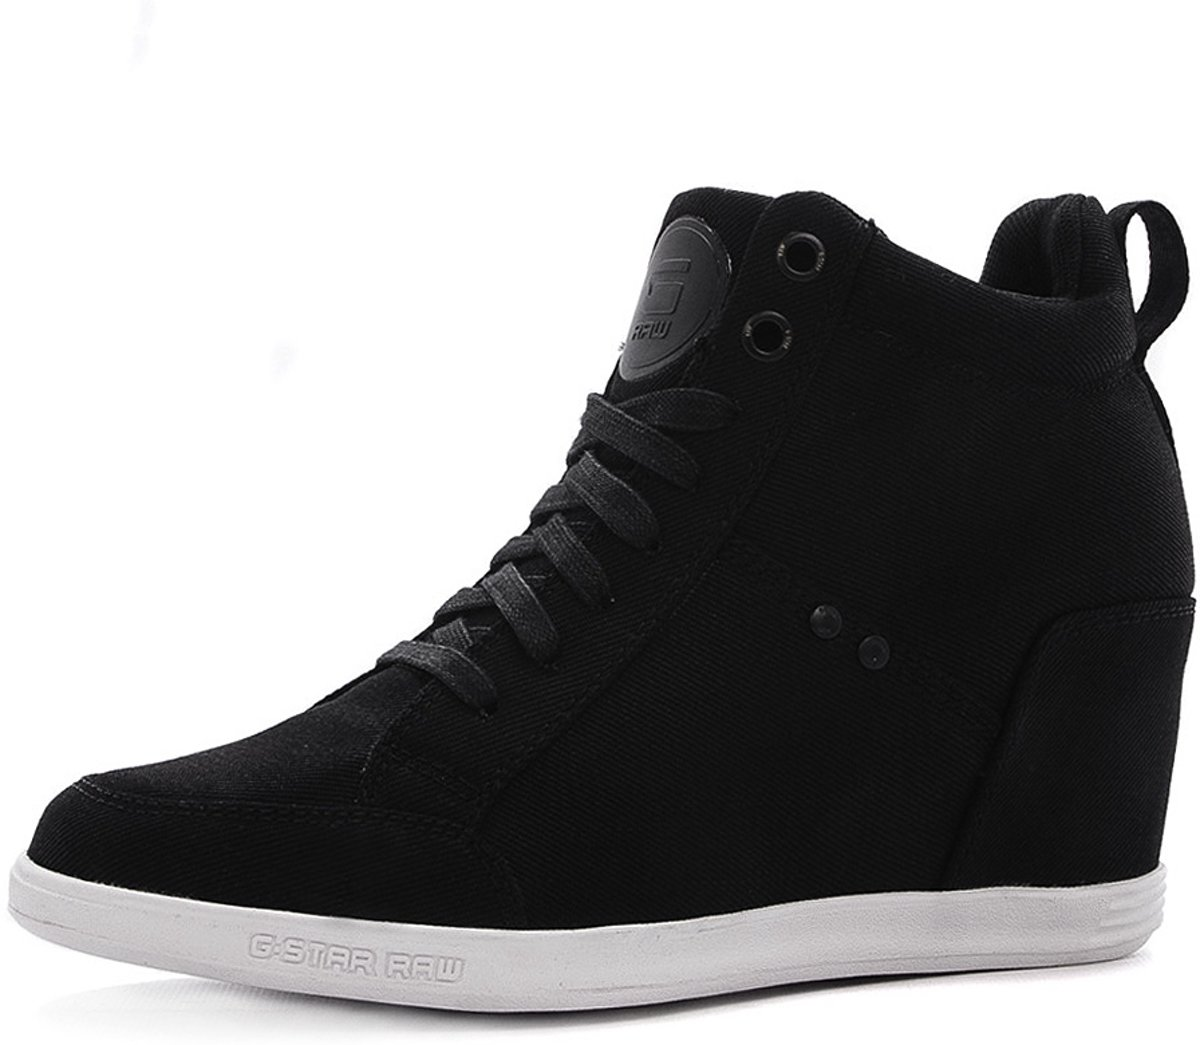 G Star RAW sneakers denim Schoenen sneakers, Sleehakken en